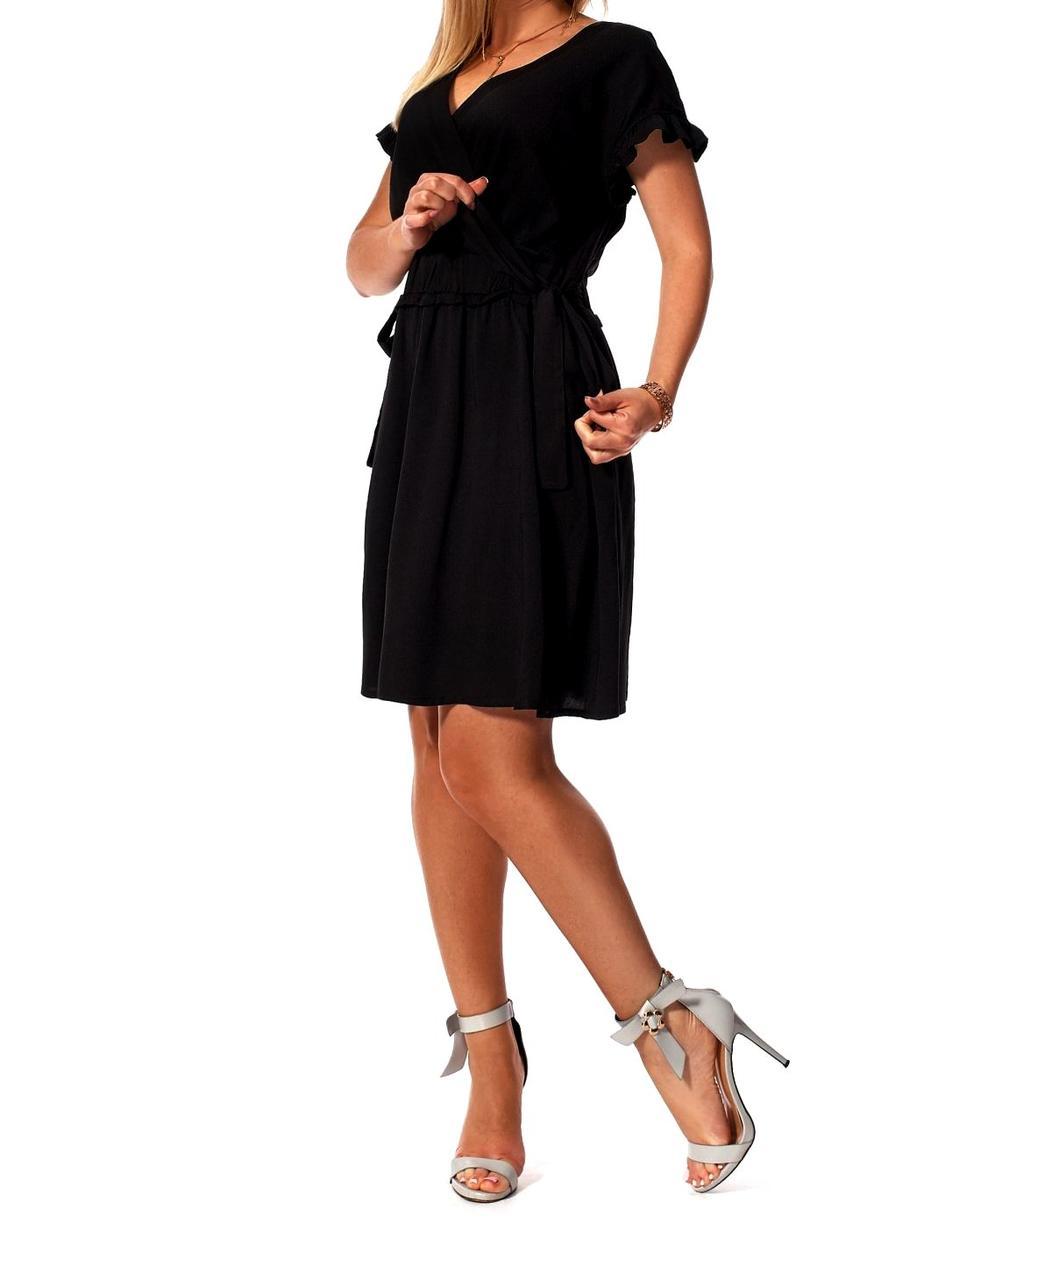 Платье коктельное молодежное в черном цвете